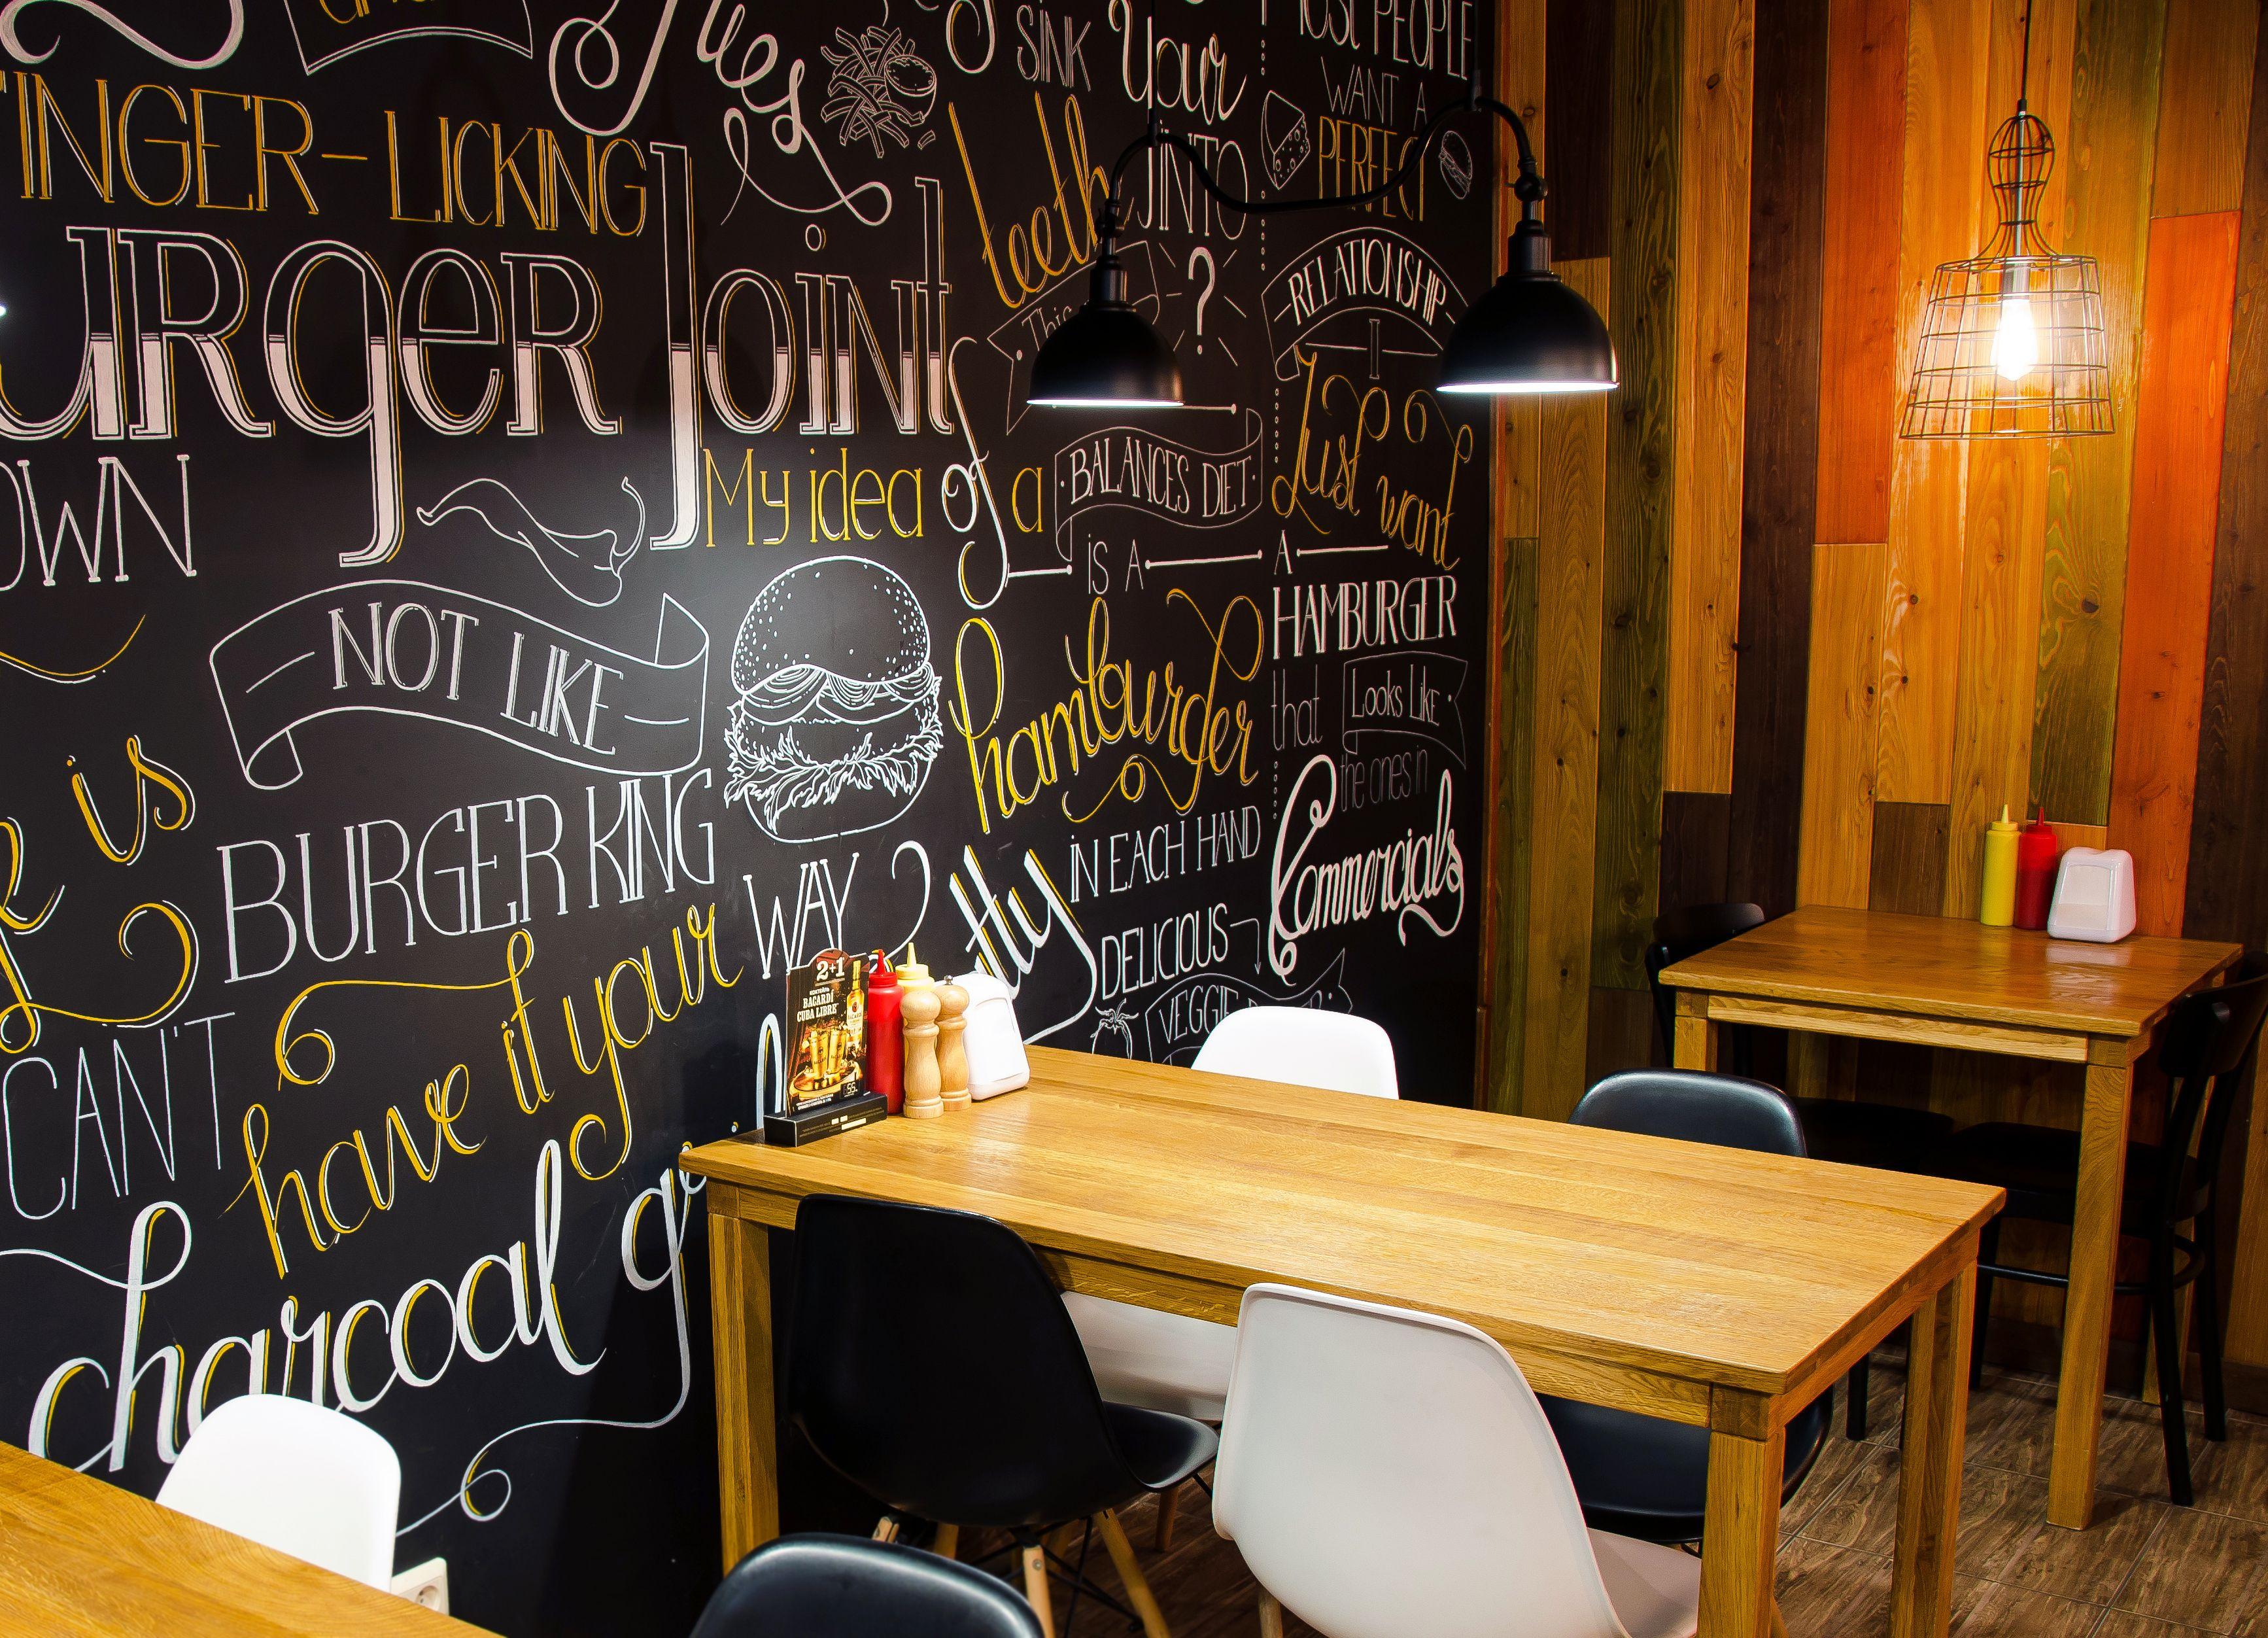 burger joint - cтудія hg interior design | restaurant | pinterest